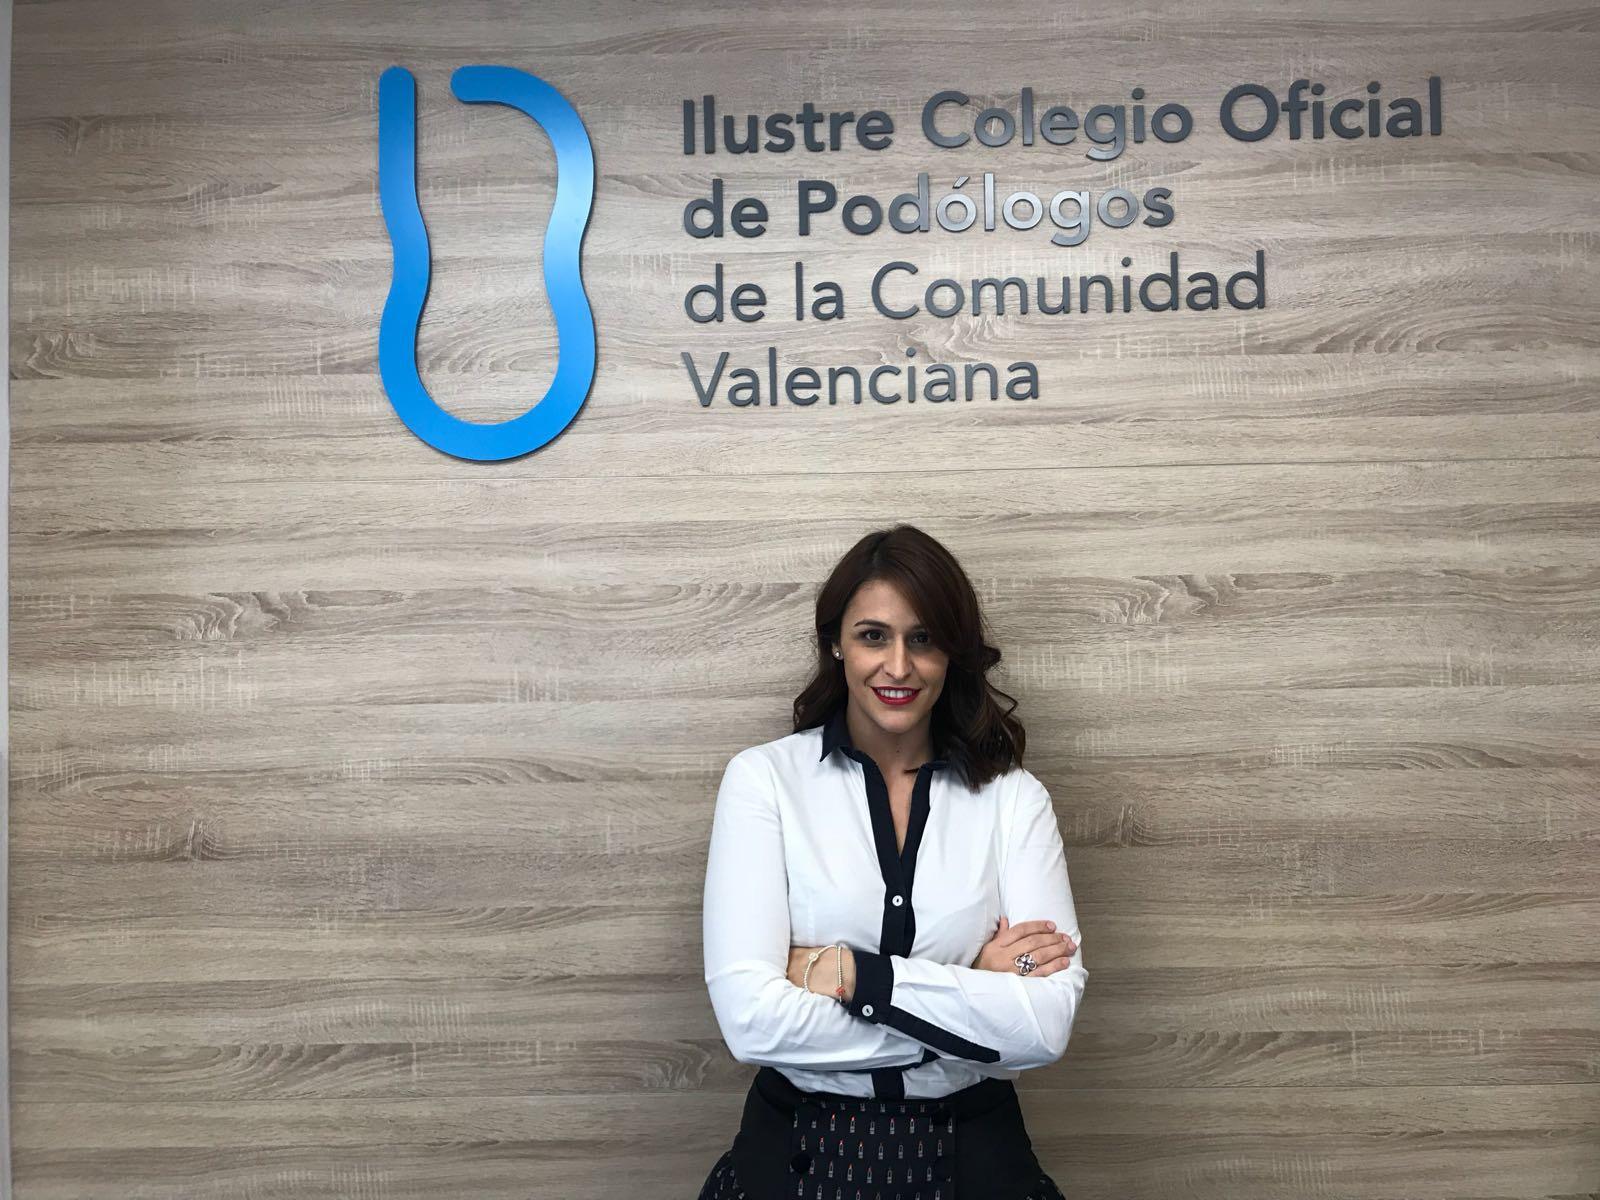 Dª María Teresa García Martínez